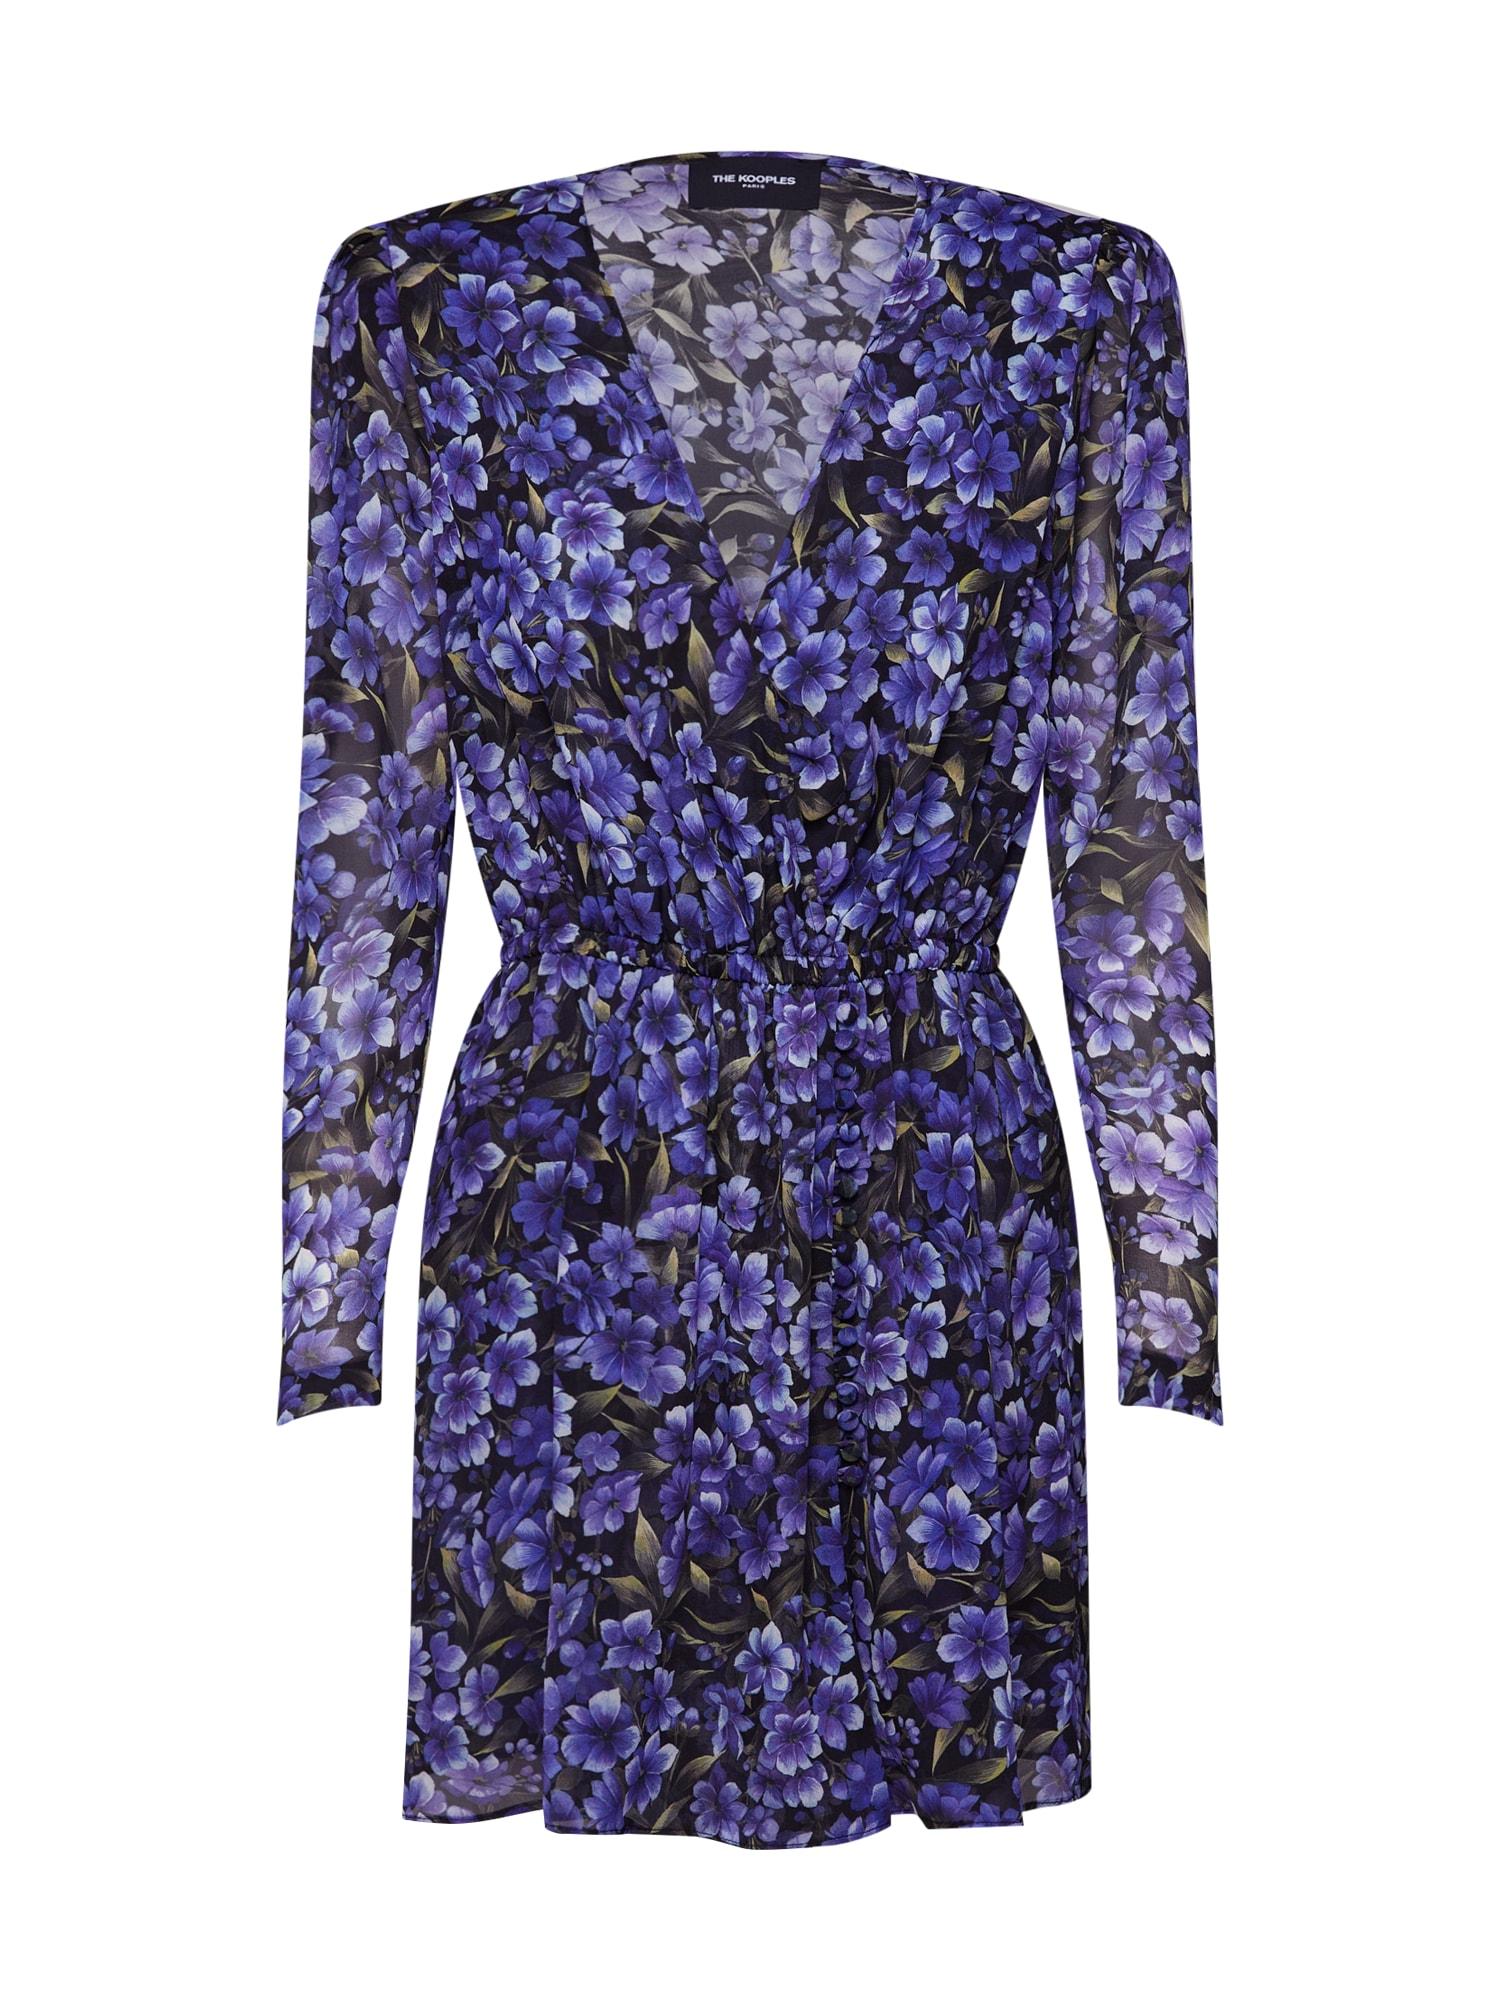 Šaty FROB18026K tmavě fialová černá The Kooples